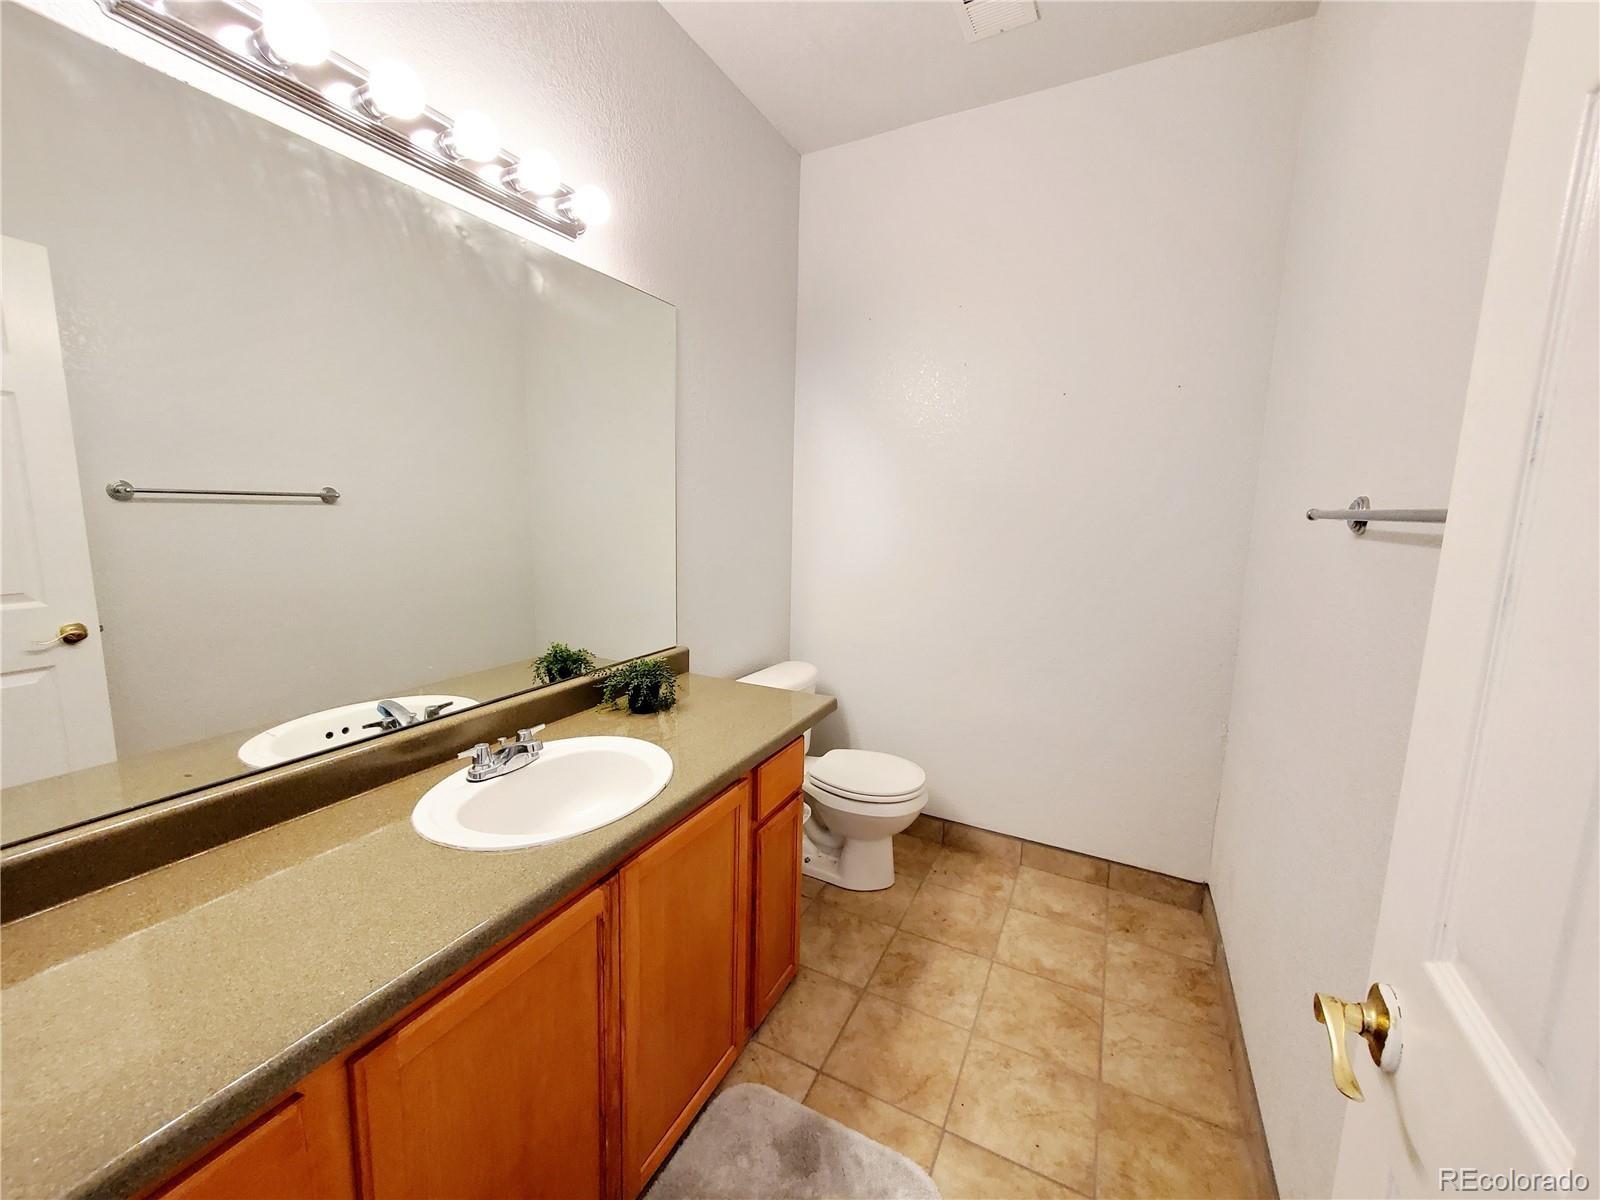 MLS# 5659966 - 11 - 2588 S Halifax Court, Aurora, CO 80013